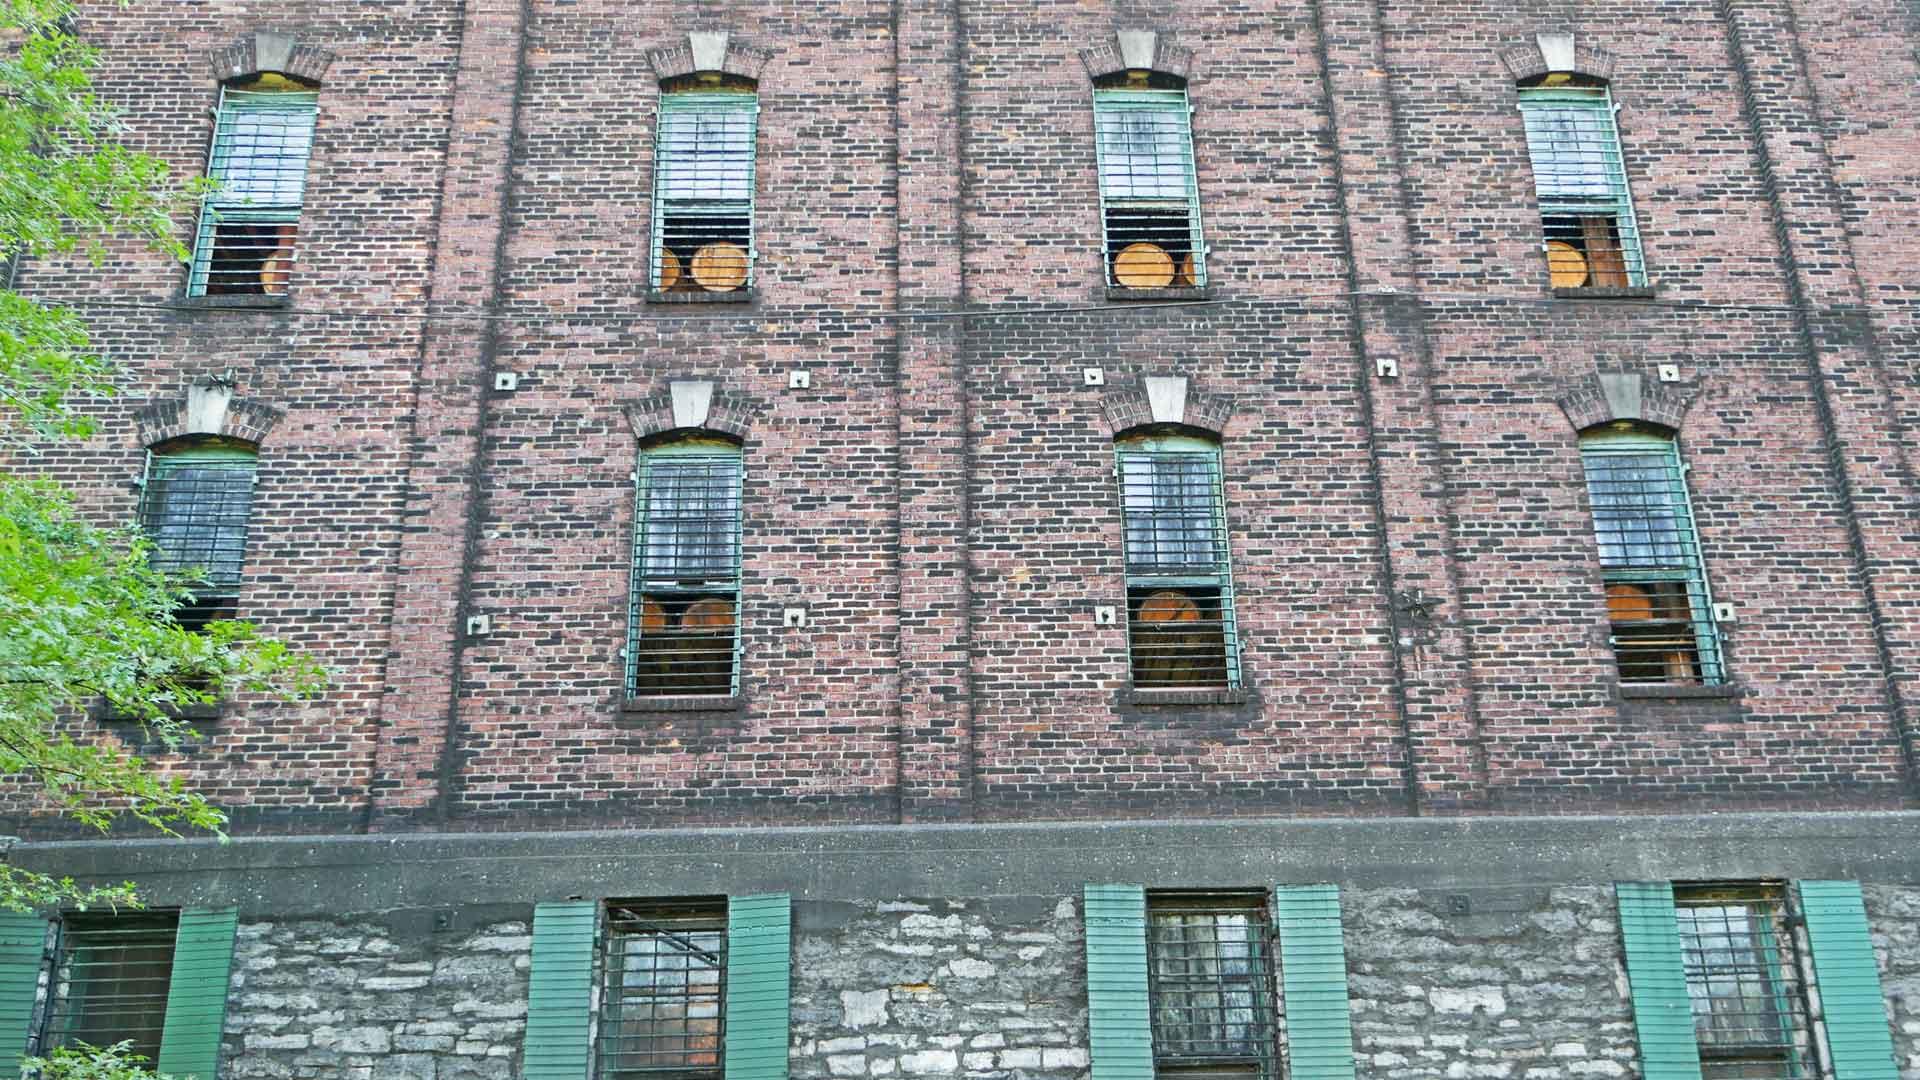 Der Bourbon-Whiskey von Buffalo Trace lagert in mehrstöckigen Warehouses aus Backstein. (Foto: Malt Whisky)